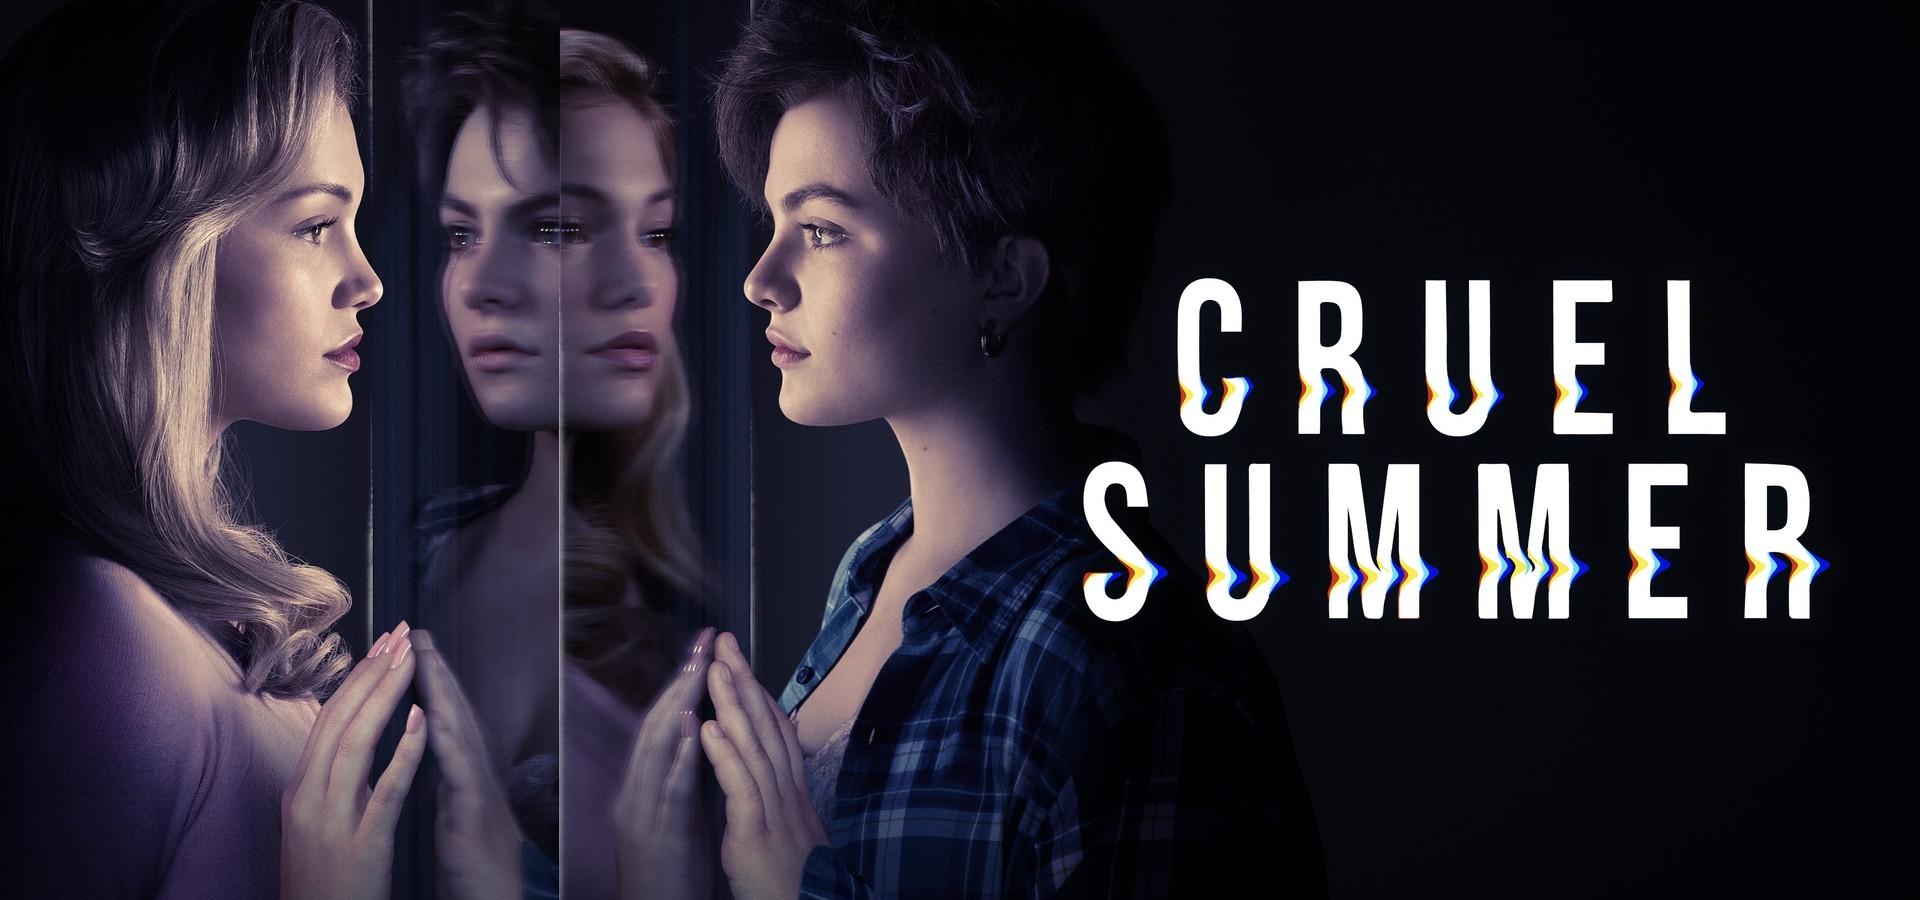 Janette y Kate en el poster promocional de Cruel Summer